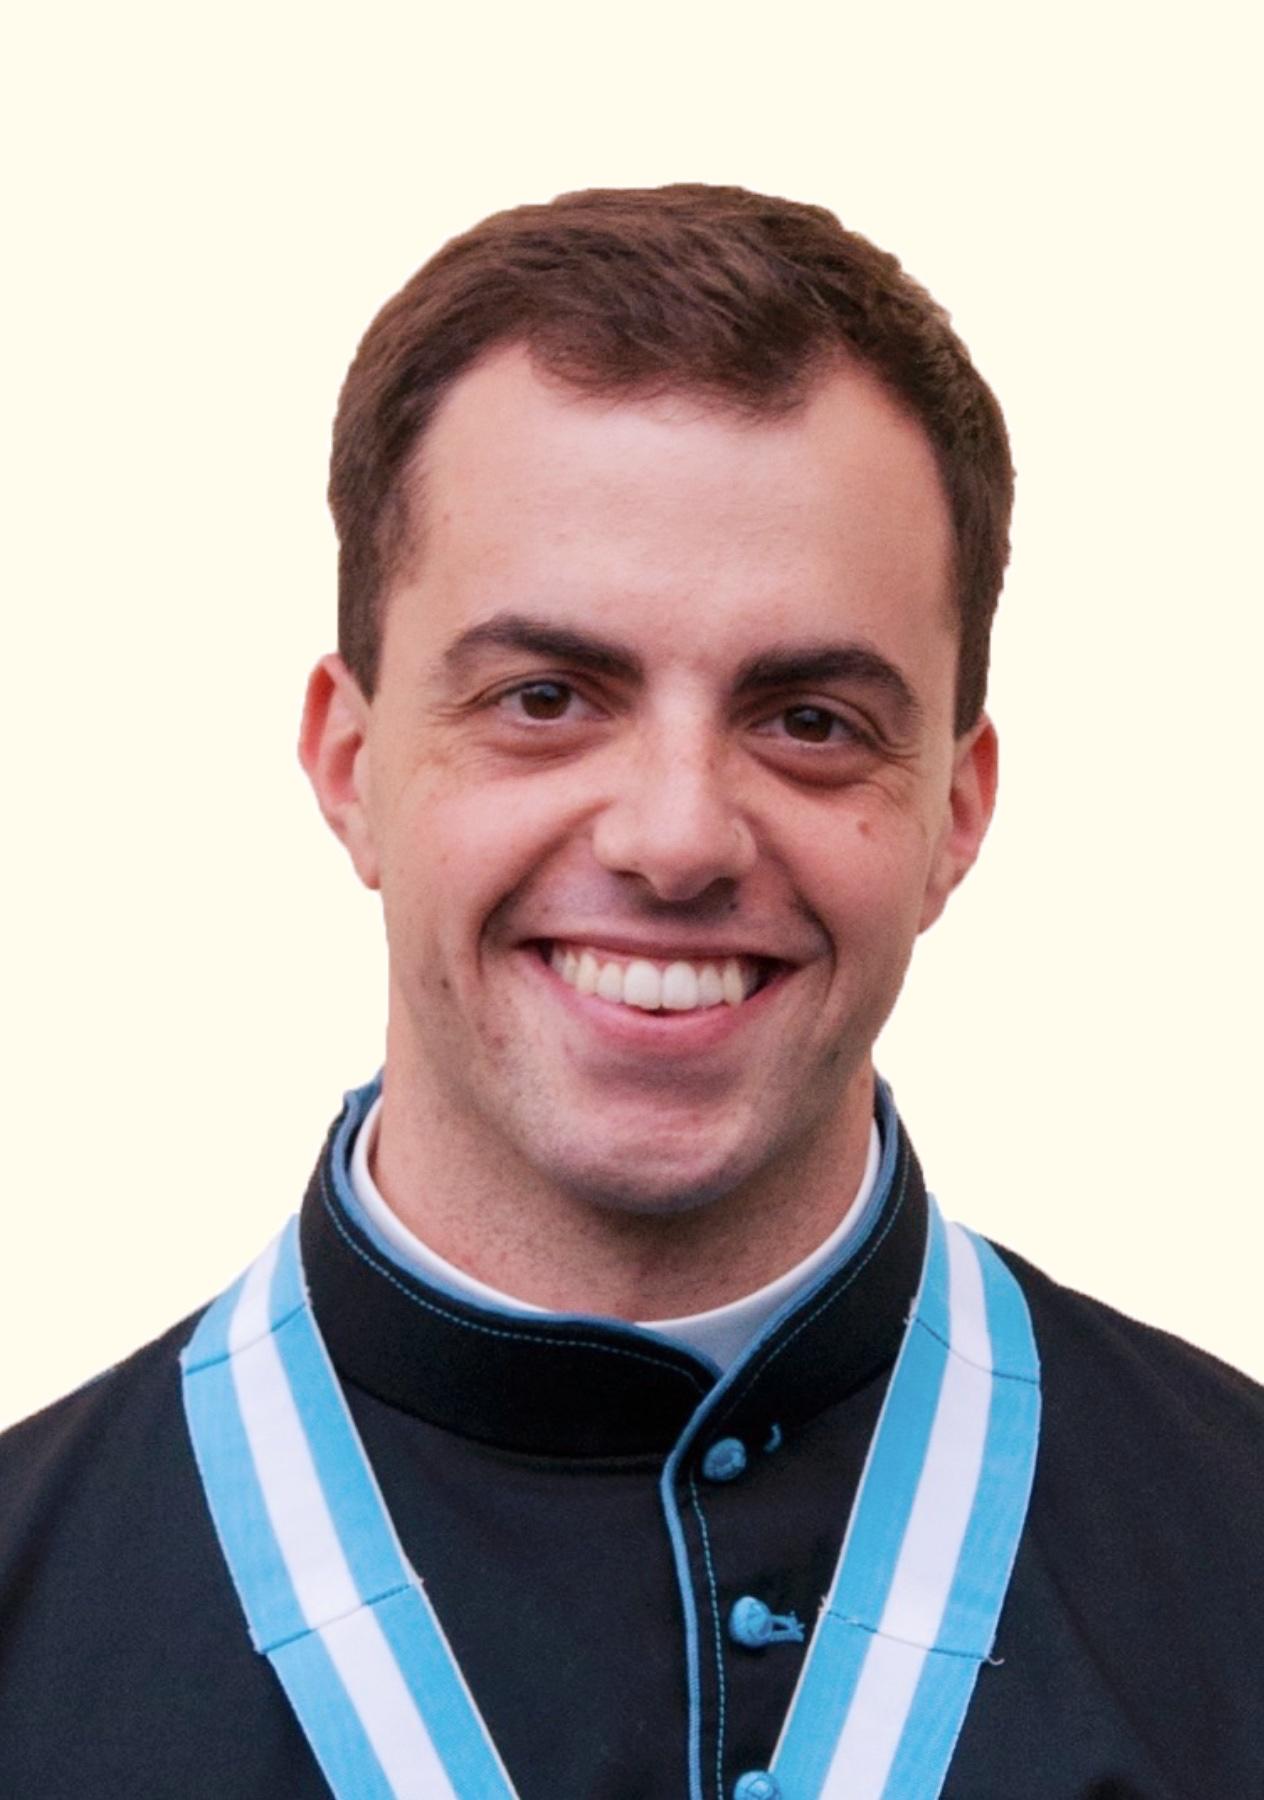 Canonico Florian Braun